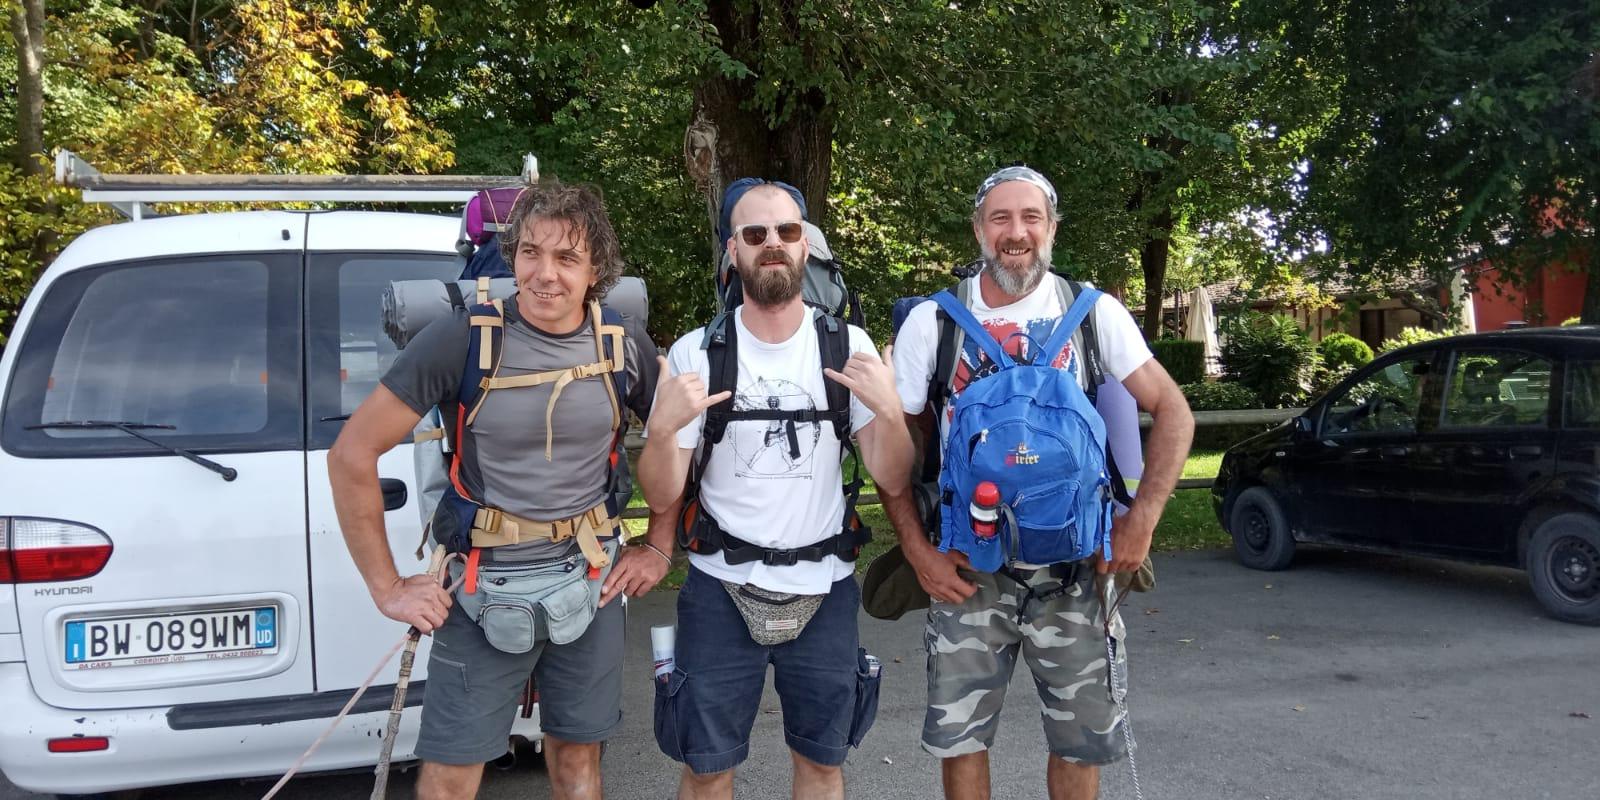 I Fratelli Cengarle da Belgrado alla sorgente del Tagliamento a piedi daI 20 settembre 2019